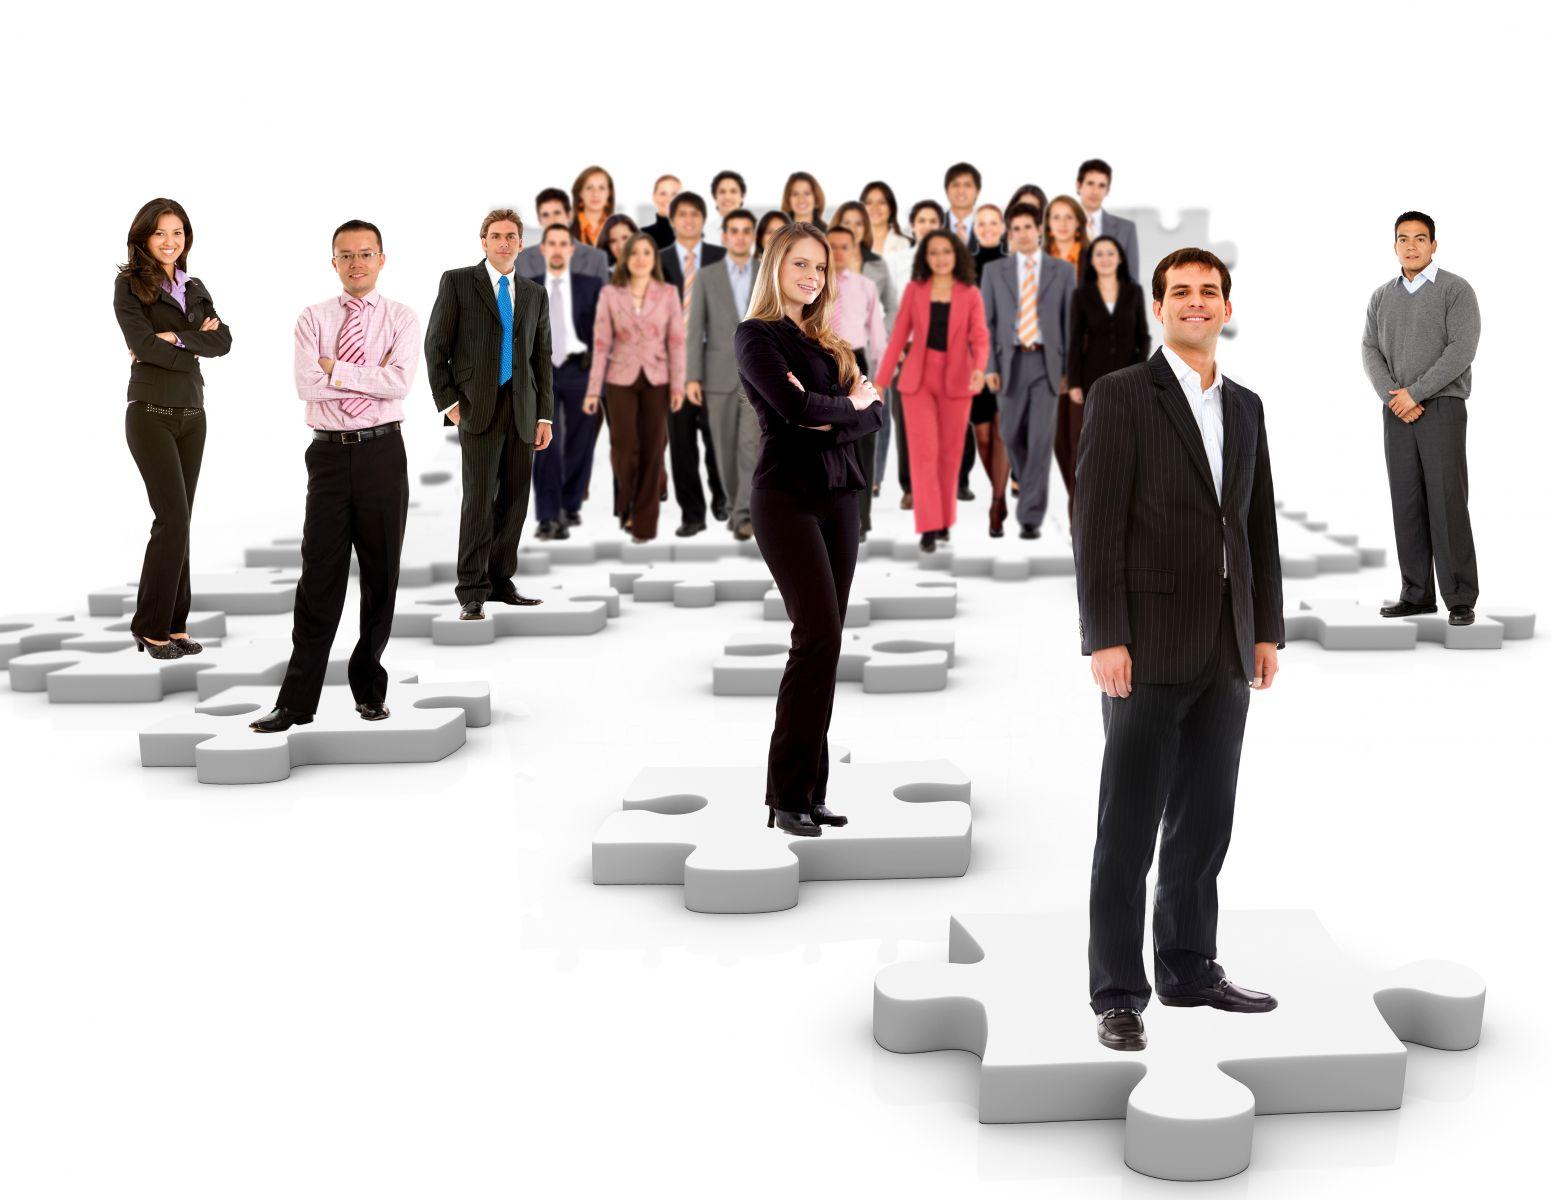 49% doanh nghiệp tham gia khảo sát nhận định rằng yếu tố về lương là trở ngại lớn nhất của startup khi tuyển dụng.